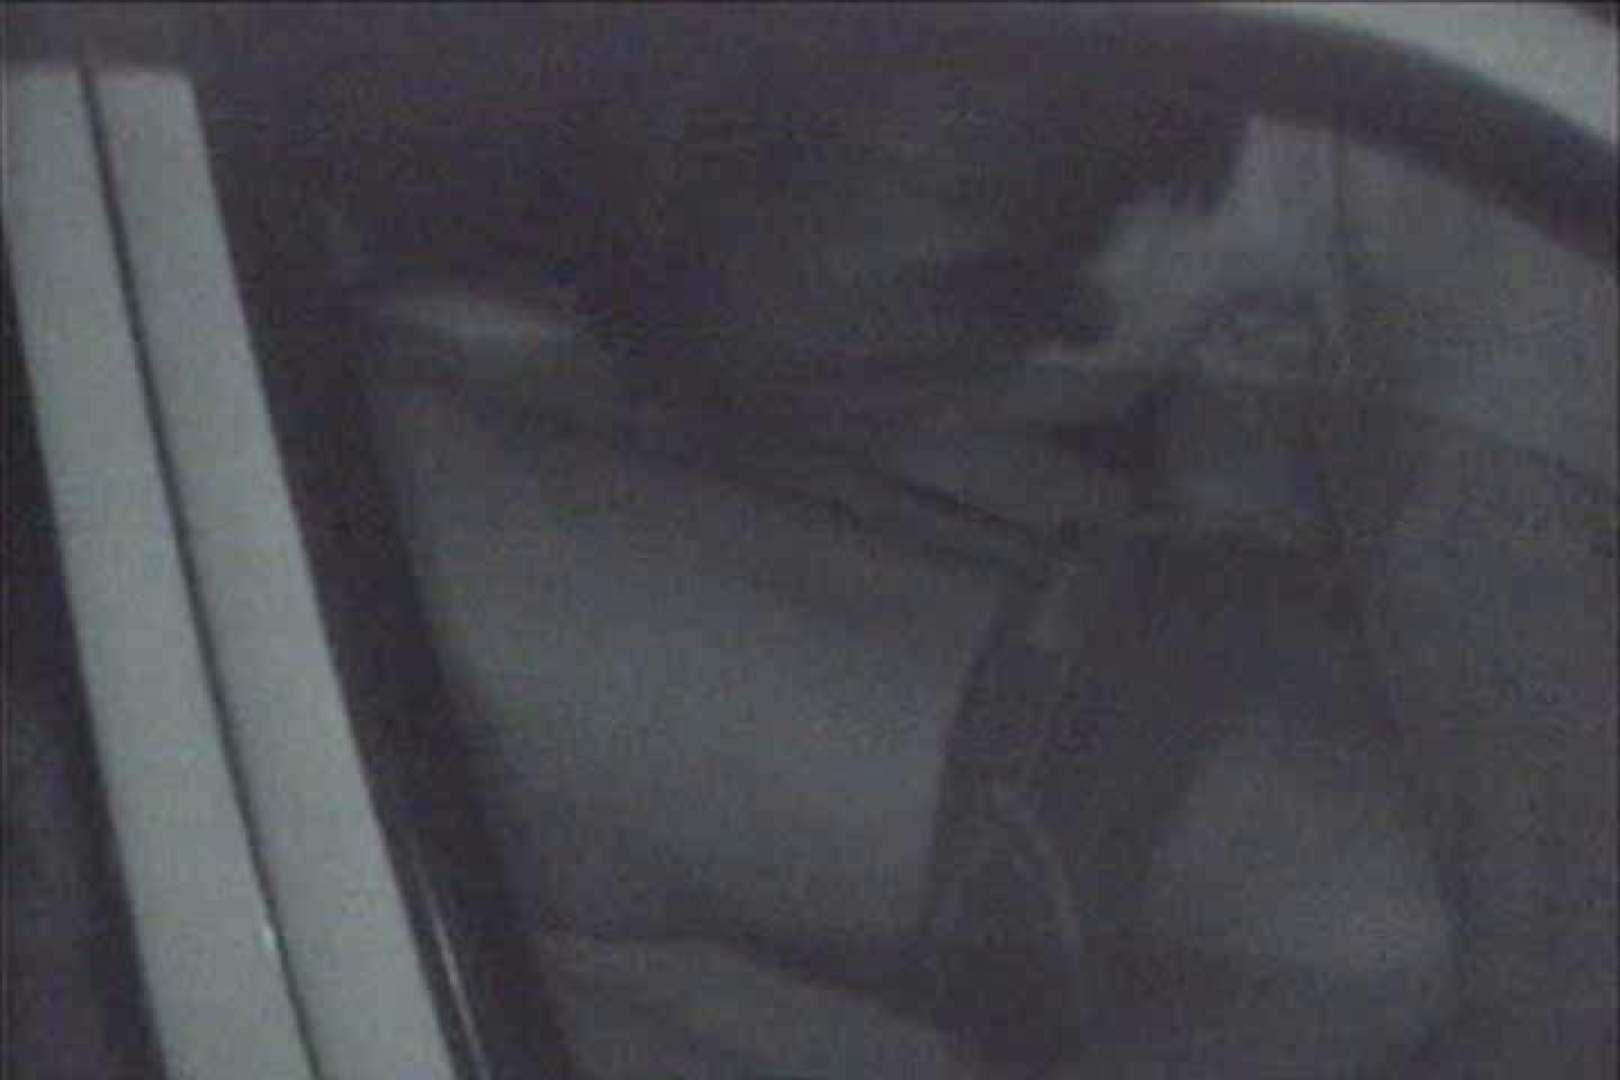 車の中はラブホテル 無修正版  Vol.18 車 エロ無料画像 100pic 25